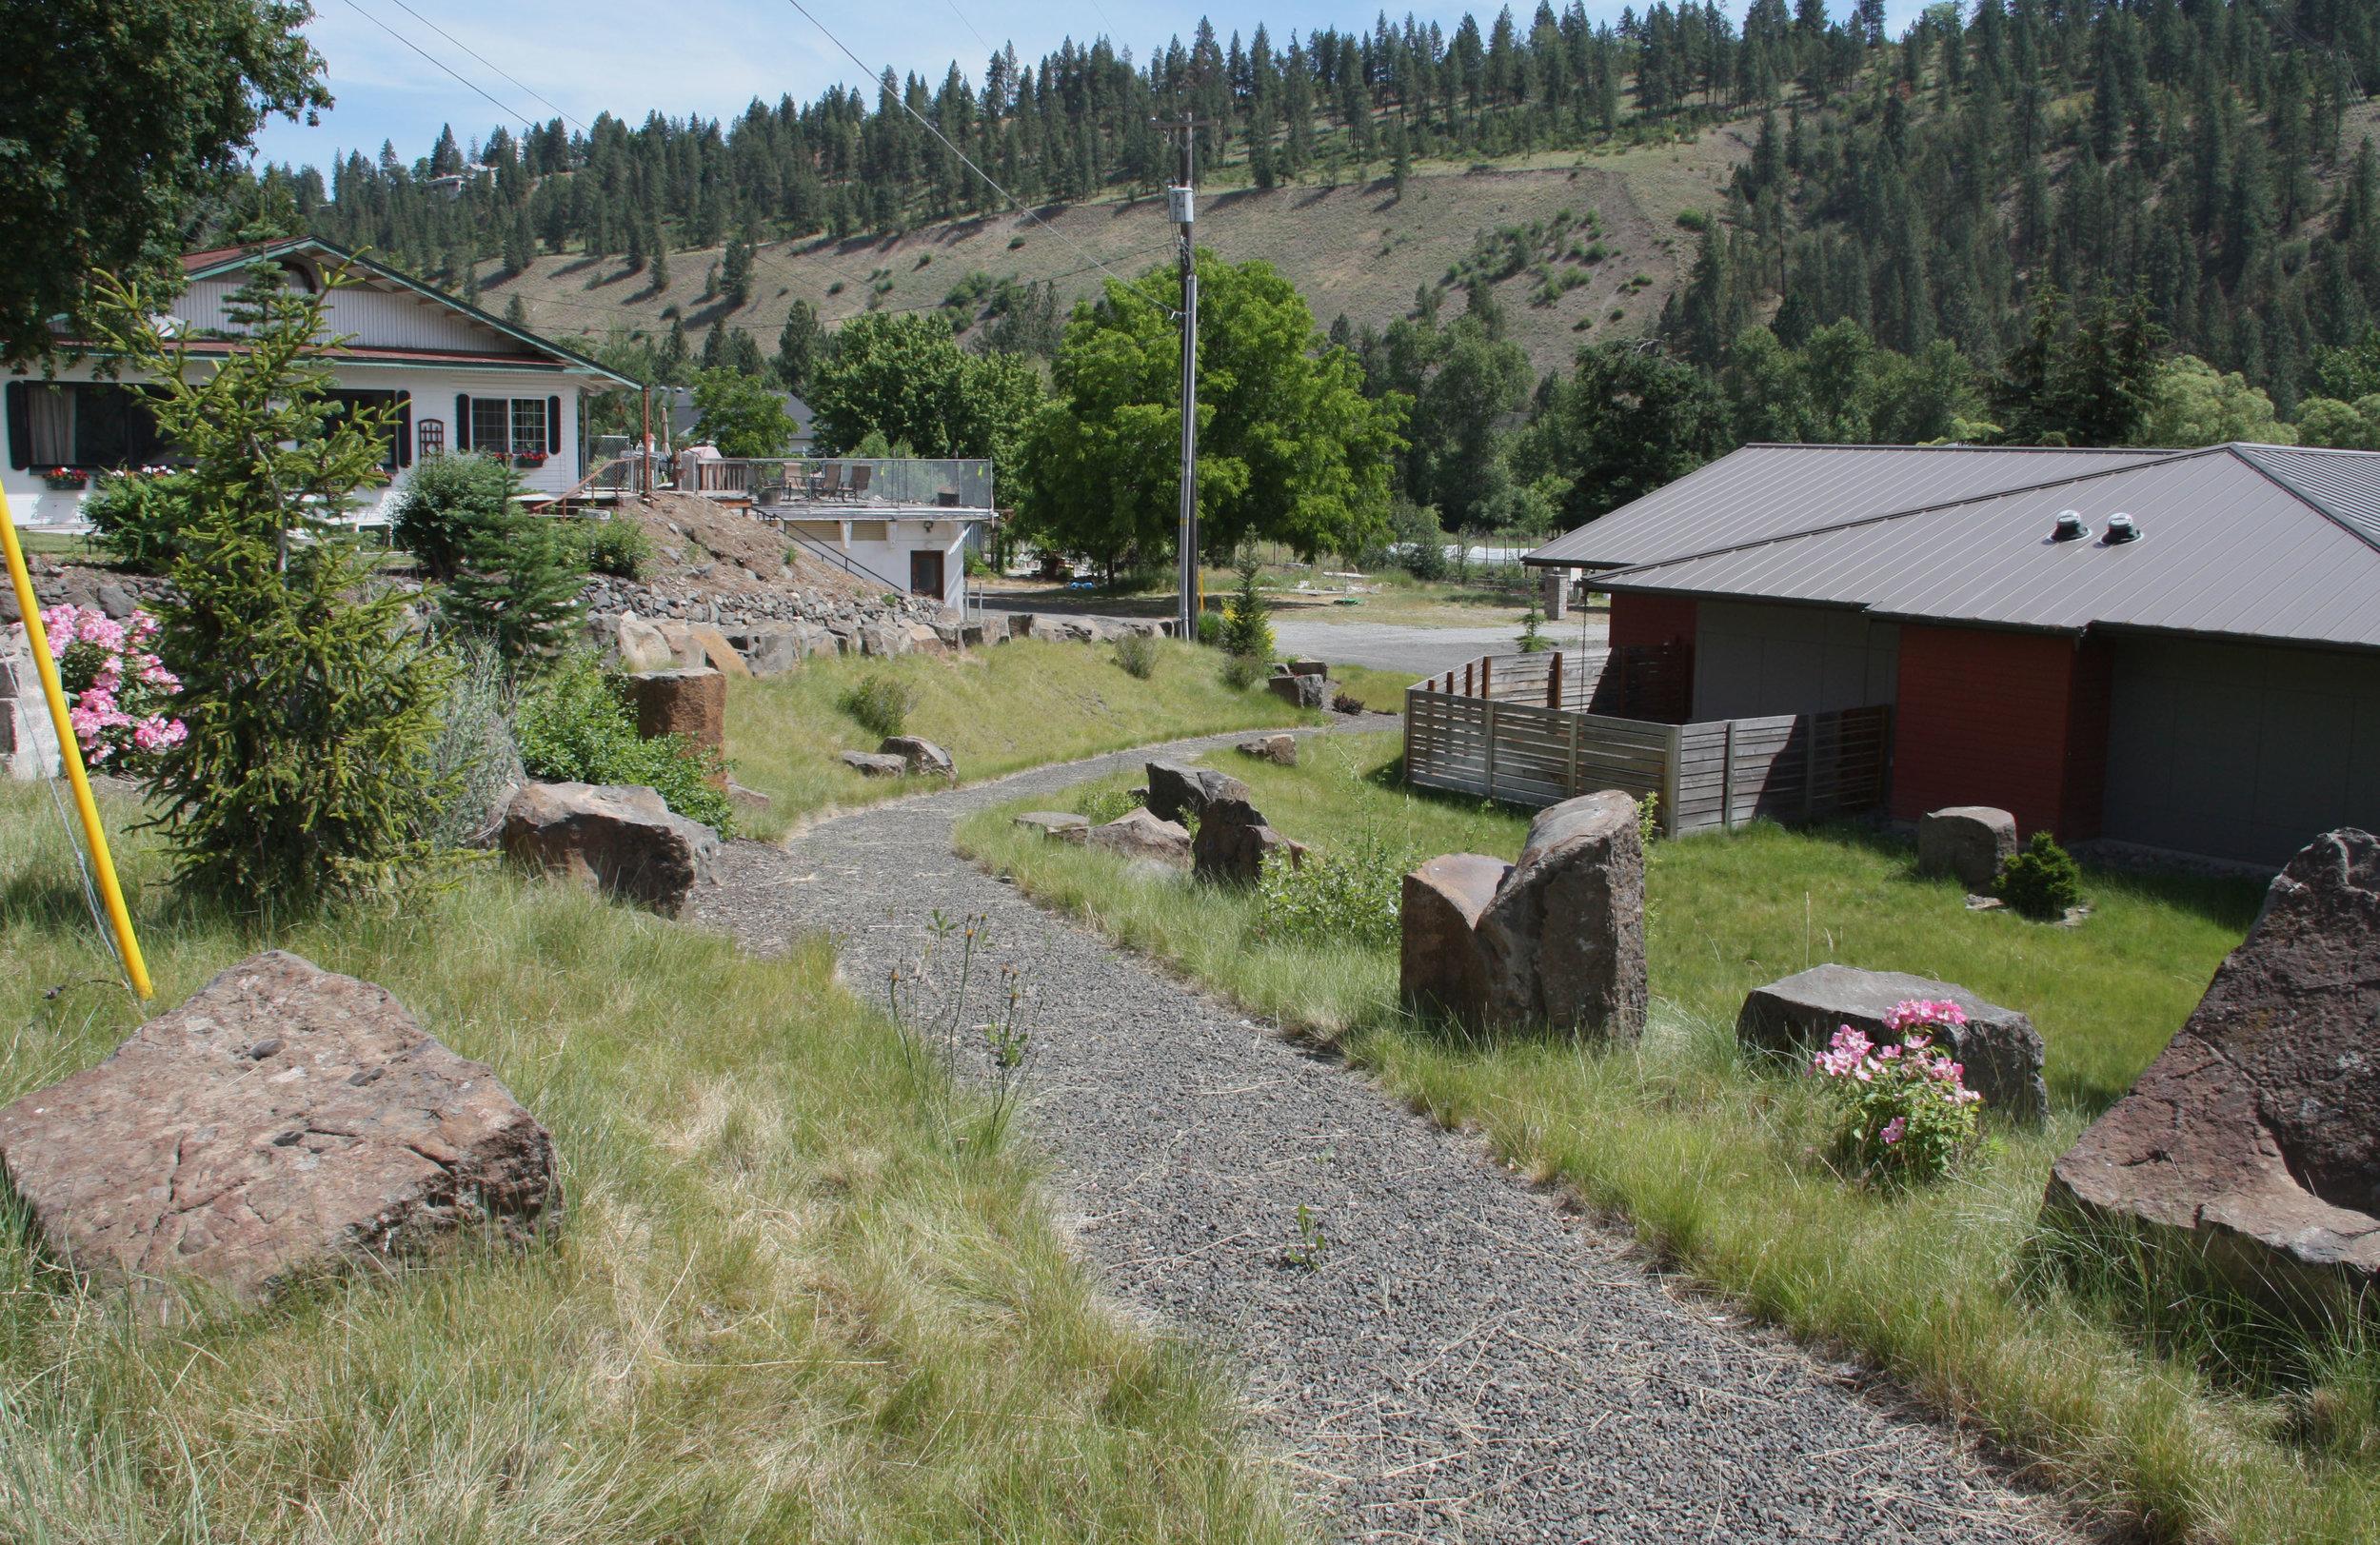 basalt-outcrops-gravel-path.JPG